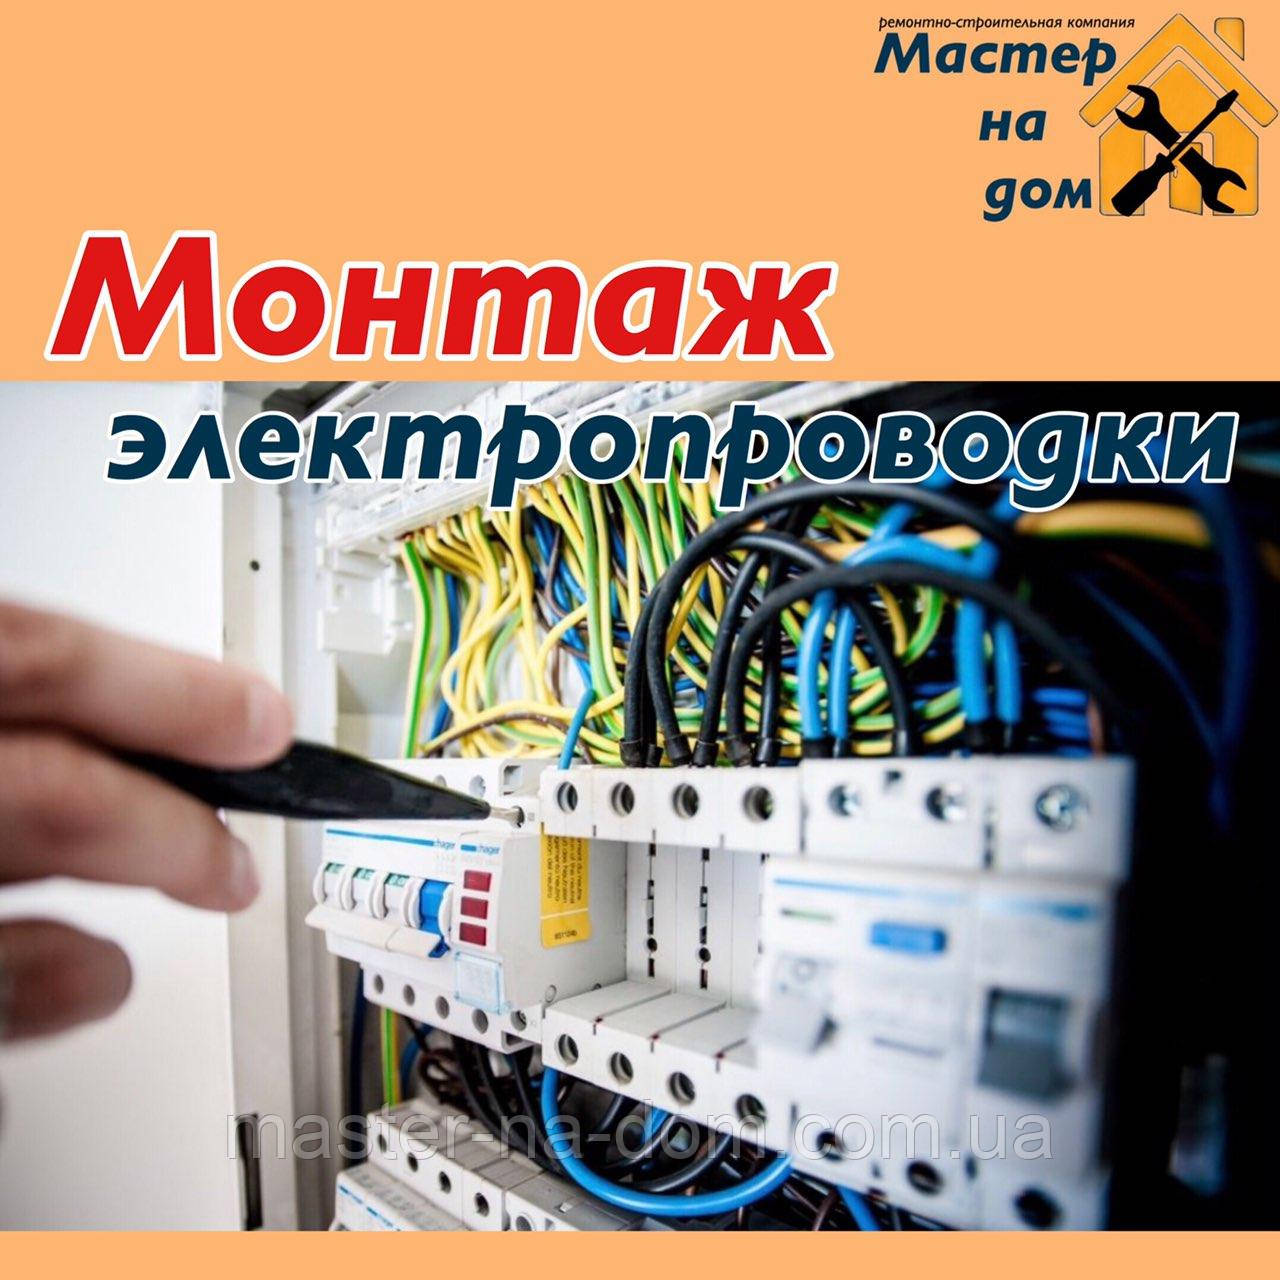 Монтаж электропроводки в Ужгороде